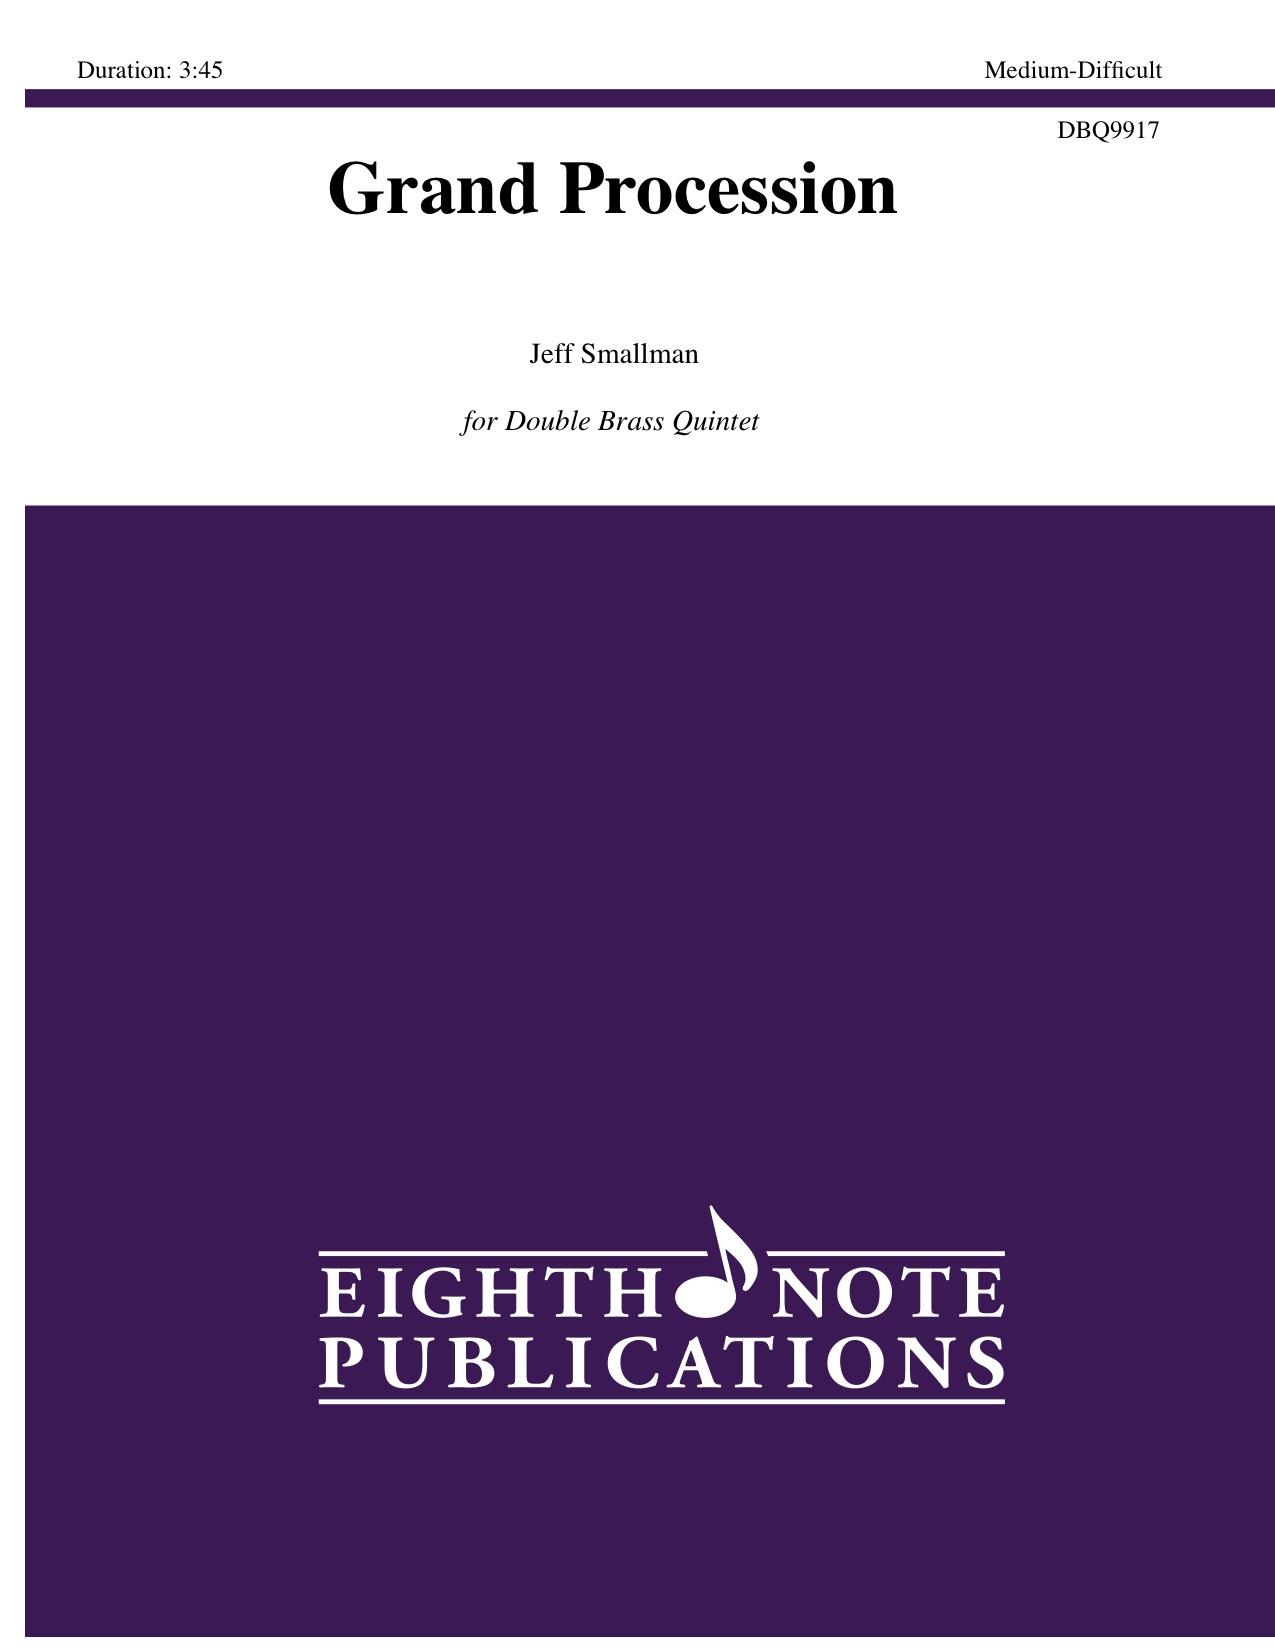 グランド・プロセッション(ジェフ・スモールマン)(金管十重奏)【Grand Procession】